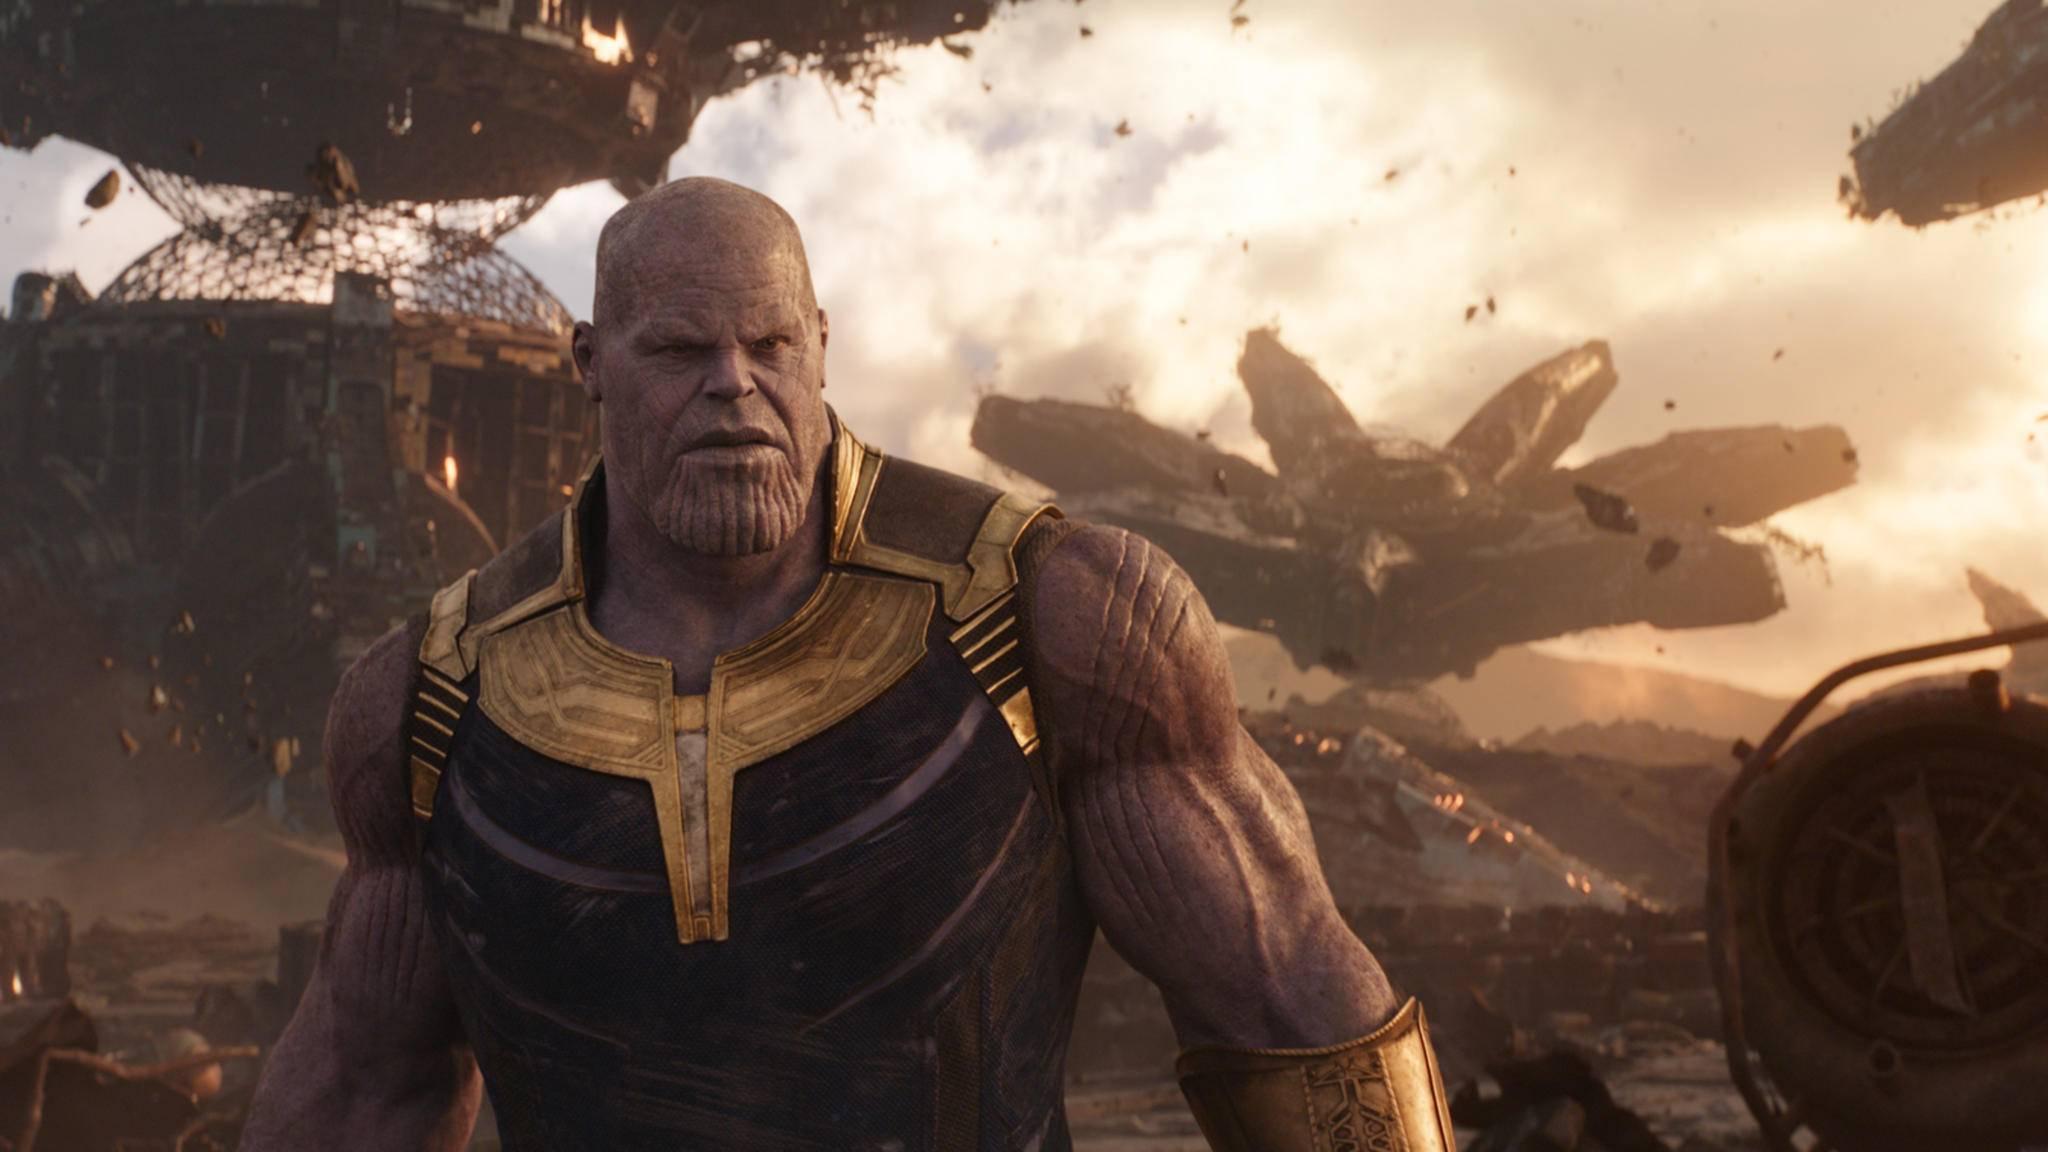 Passend: Nach Thanos wurde jetzt eine ausgelöschte Spezies benannt.